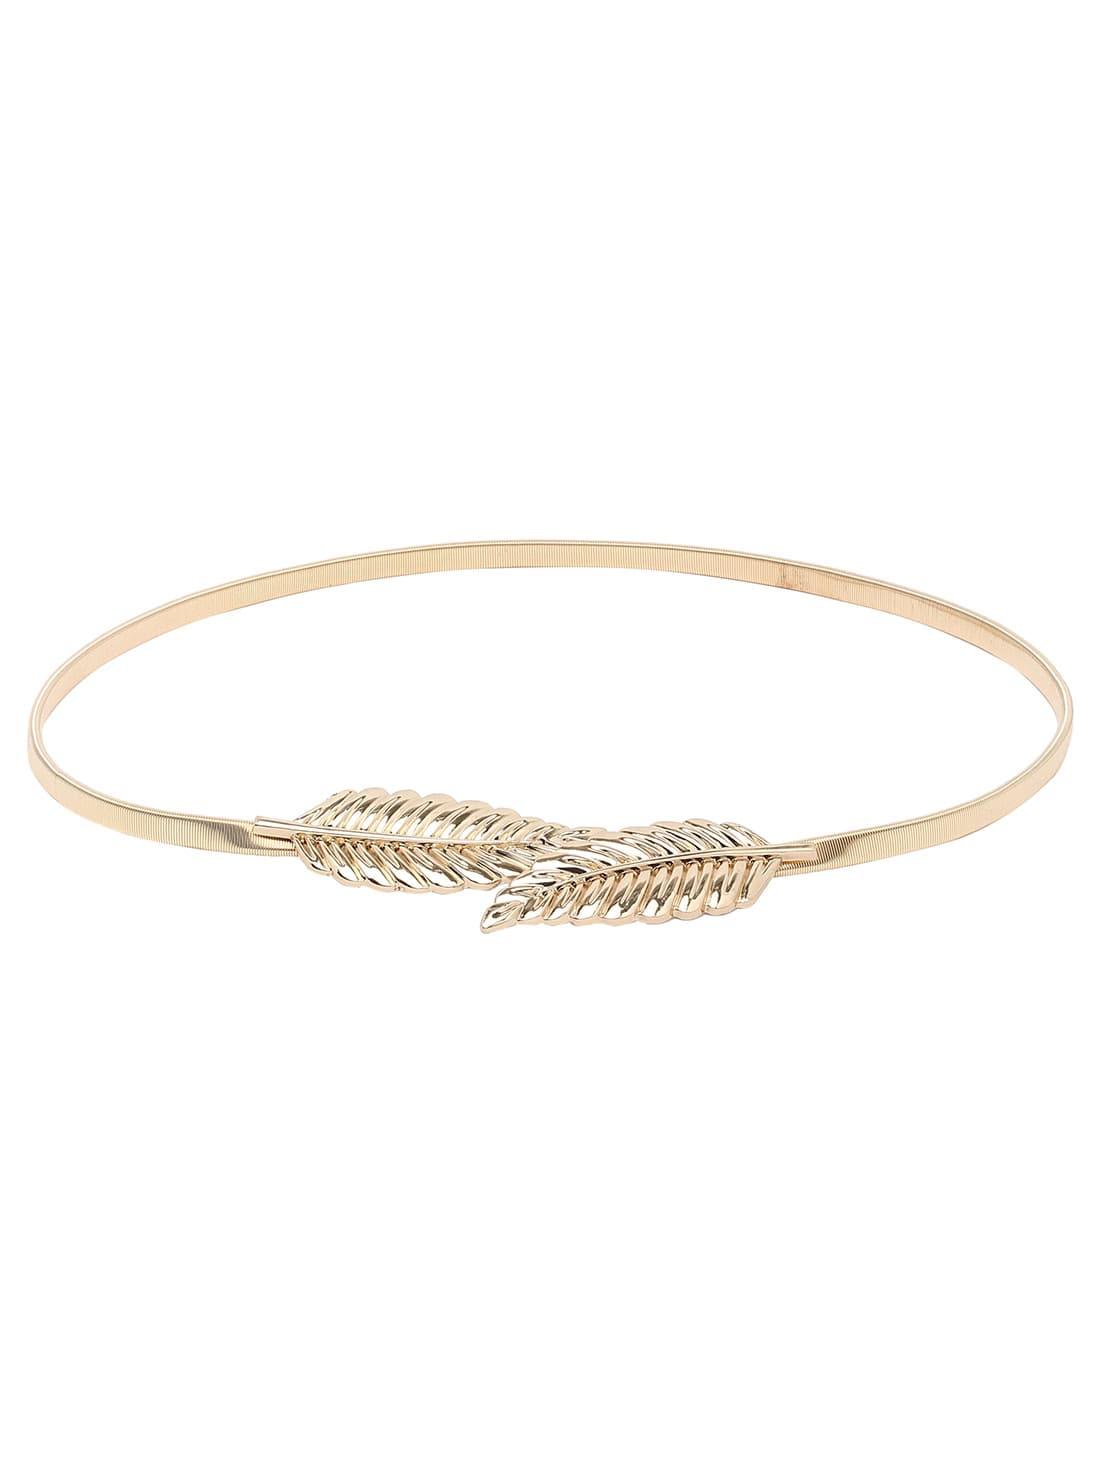 Leaf Buckle Golden Metal Elastic Belt